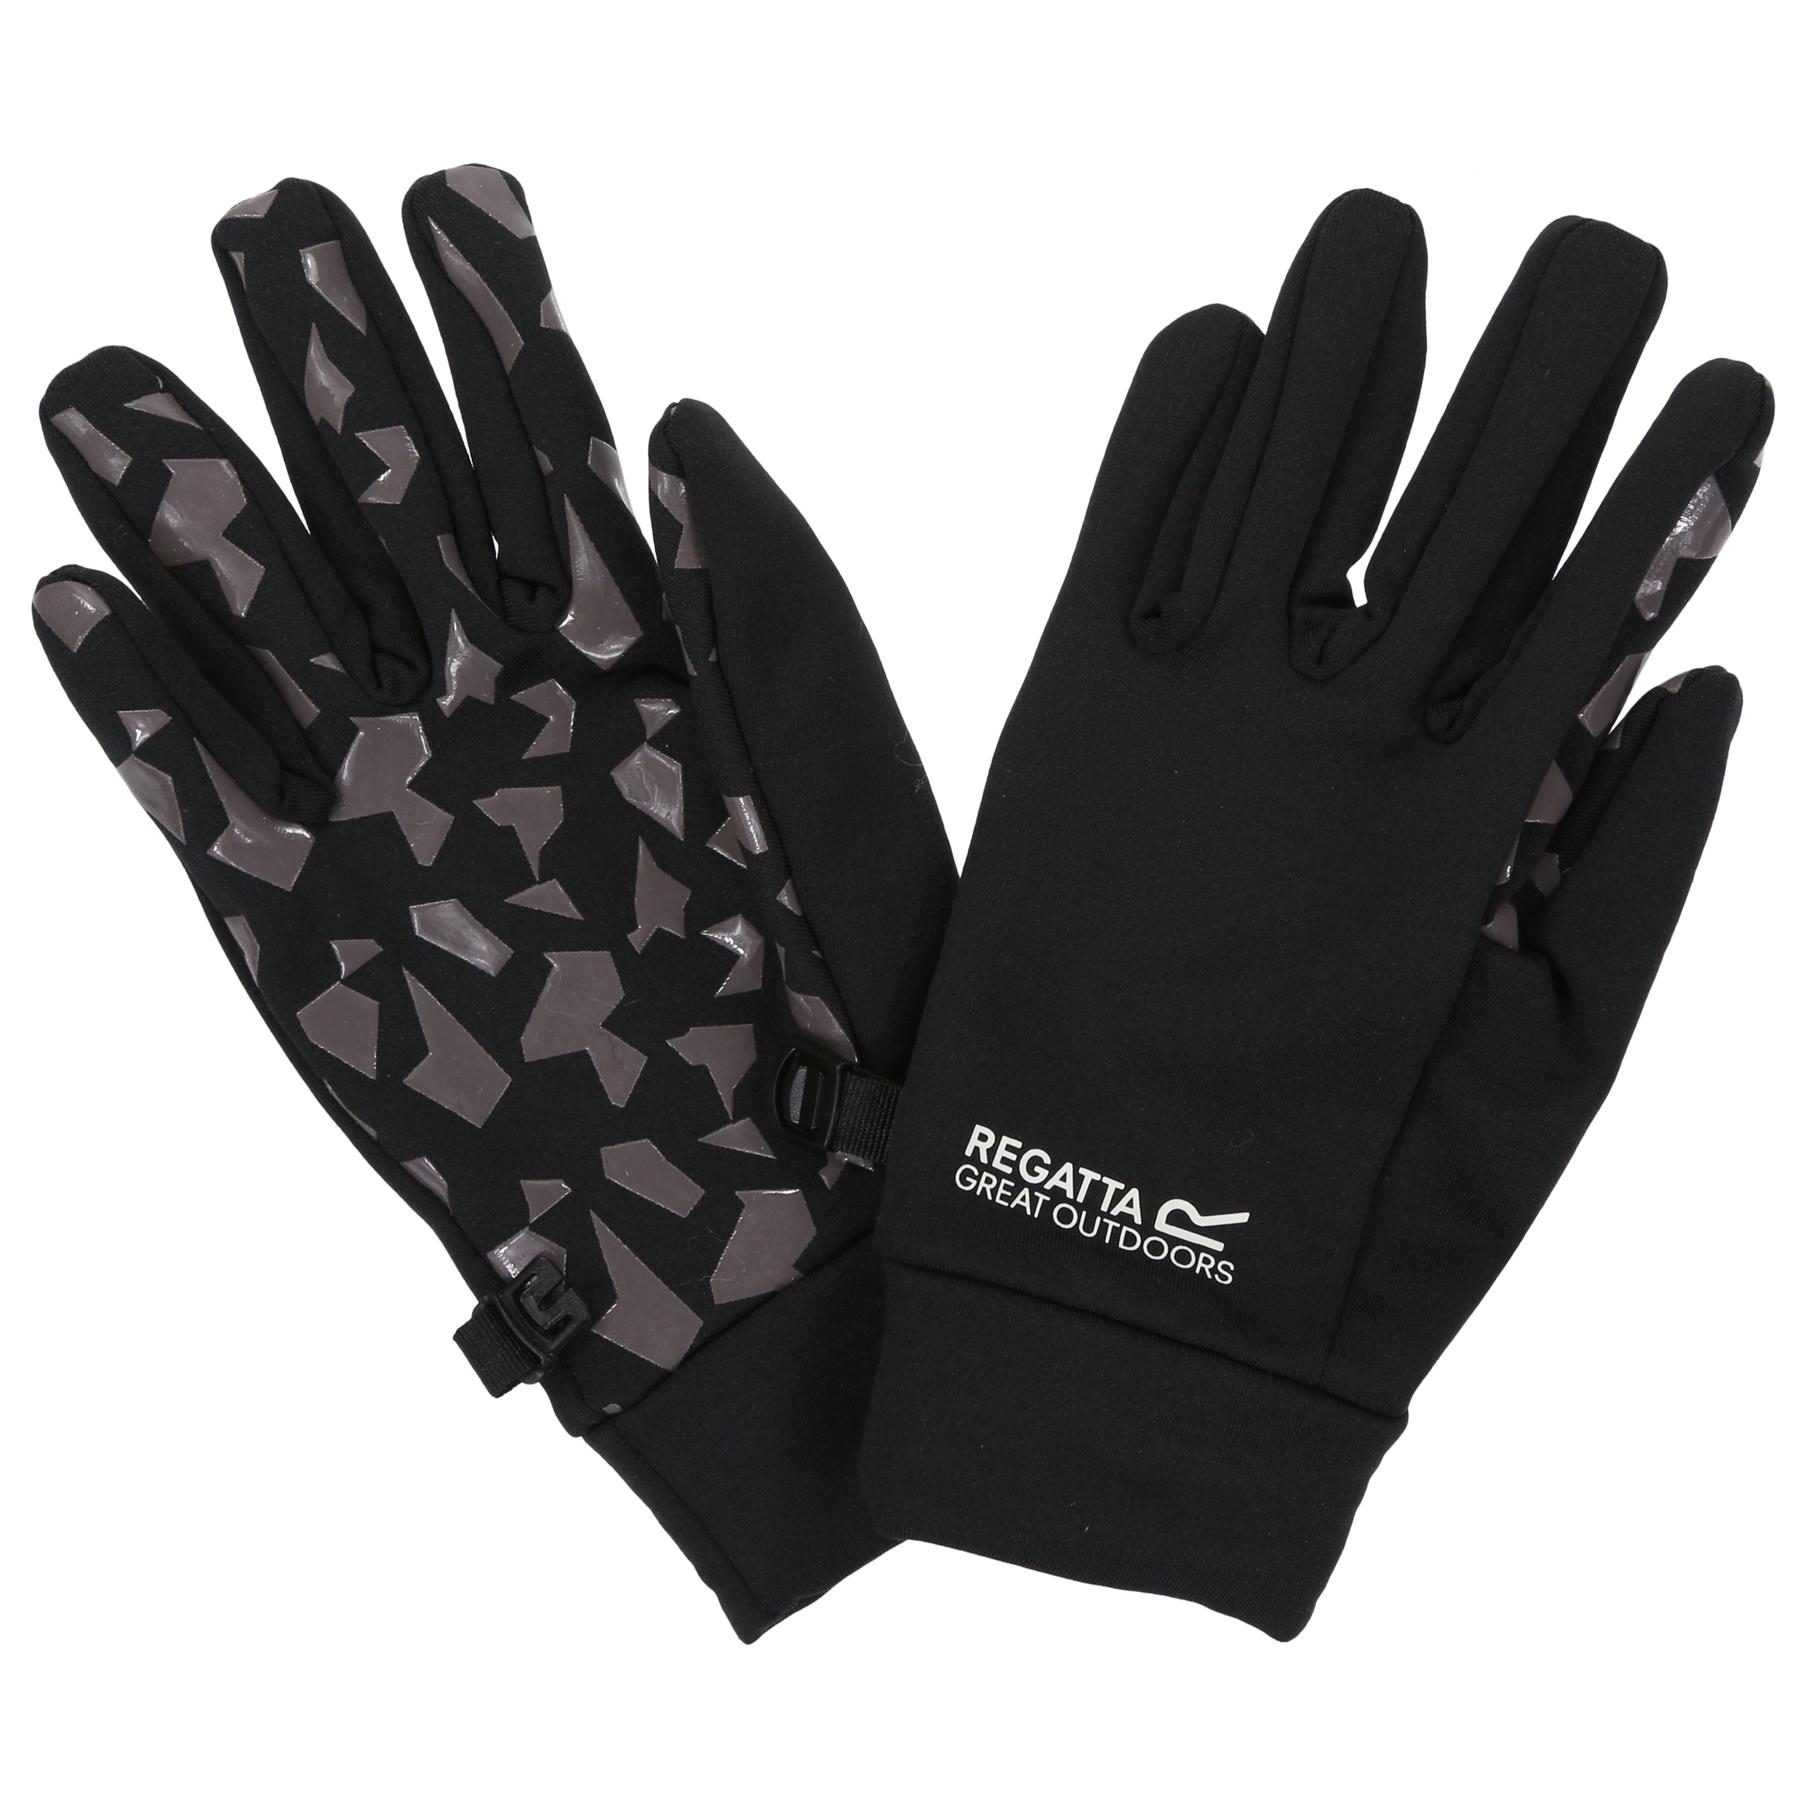 Picture of Regatta Grippy Kids Gloves - 92B Black/Magnet